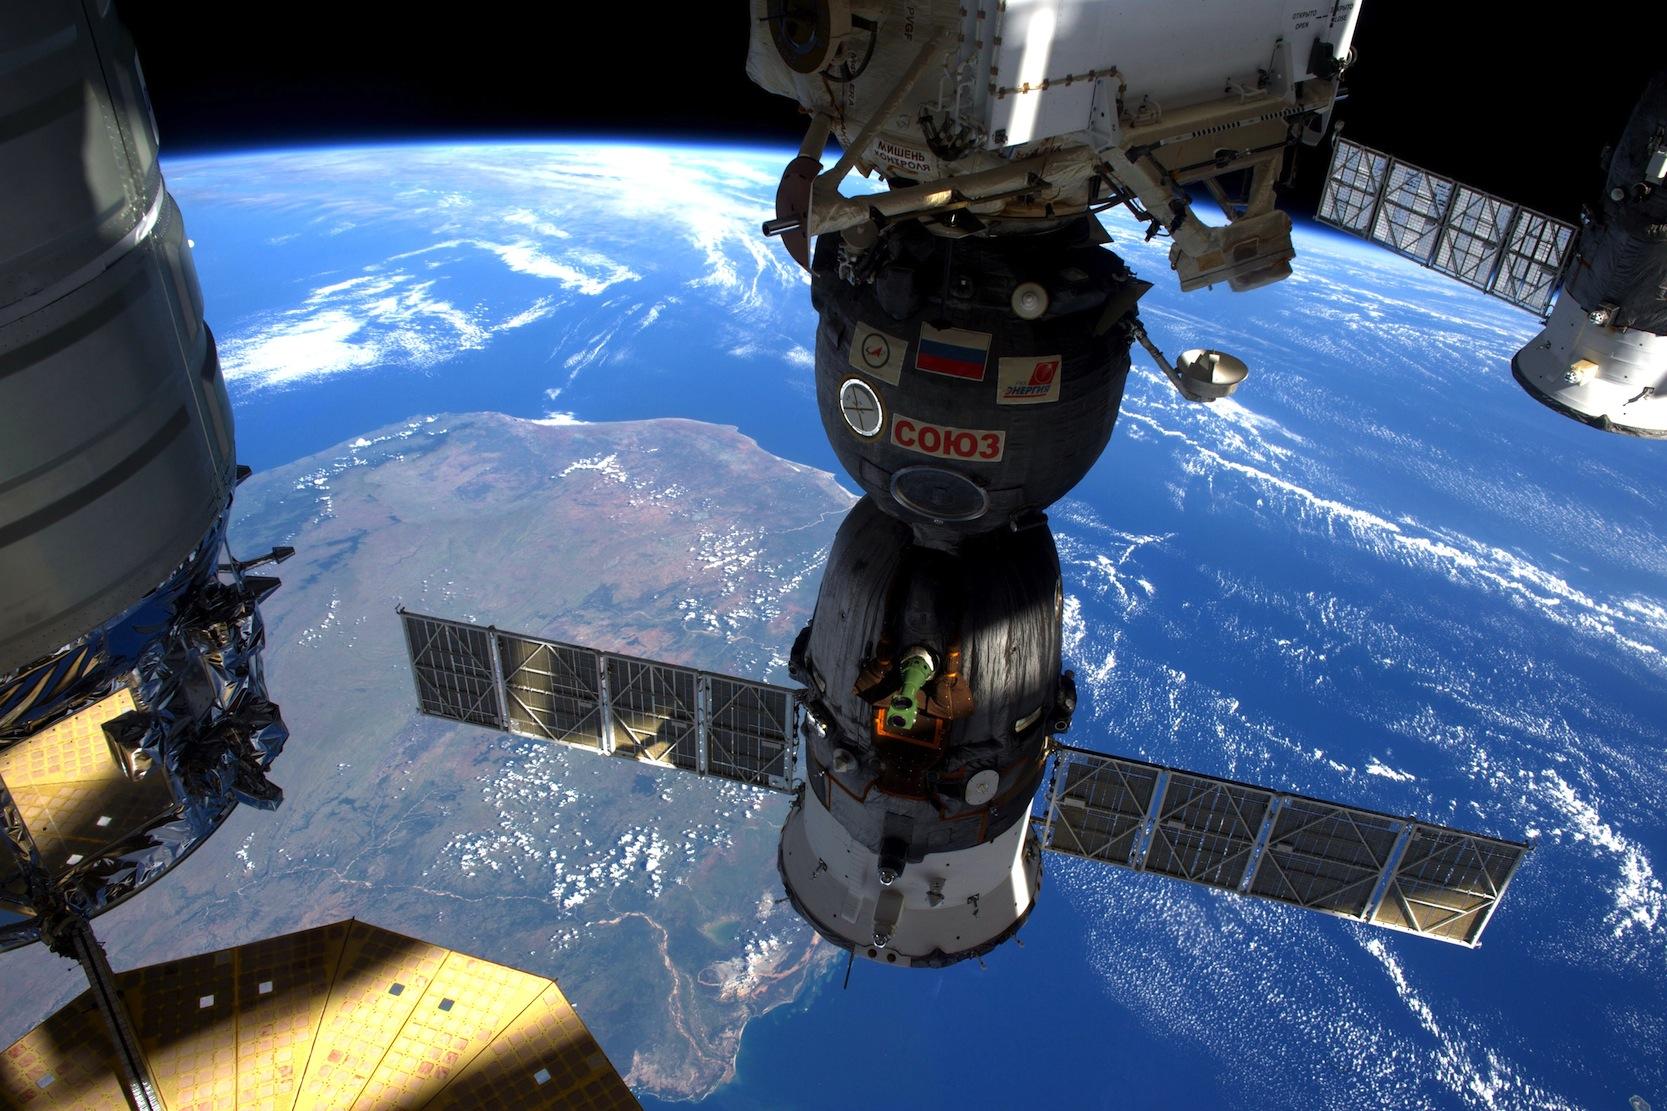 Auch die ISS fliegt in einer Umlaufbahn von 400 km zur Erde so niedrig, dass sie immer wieder Treibstoff einsetzen muss, um in der erdnahen Restatmosphäre auf Kurs zu bleiben.